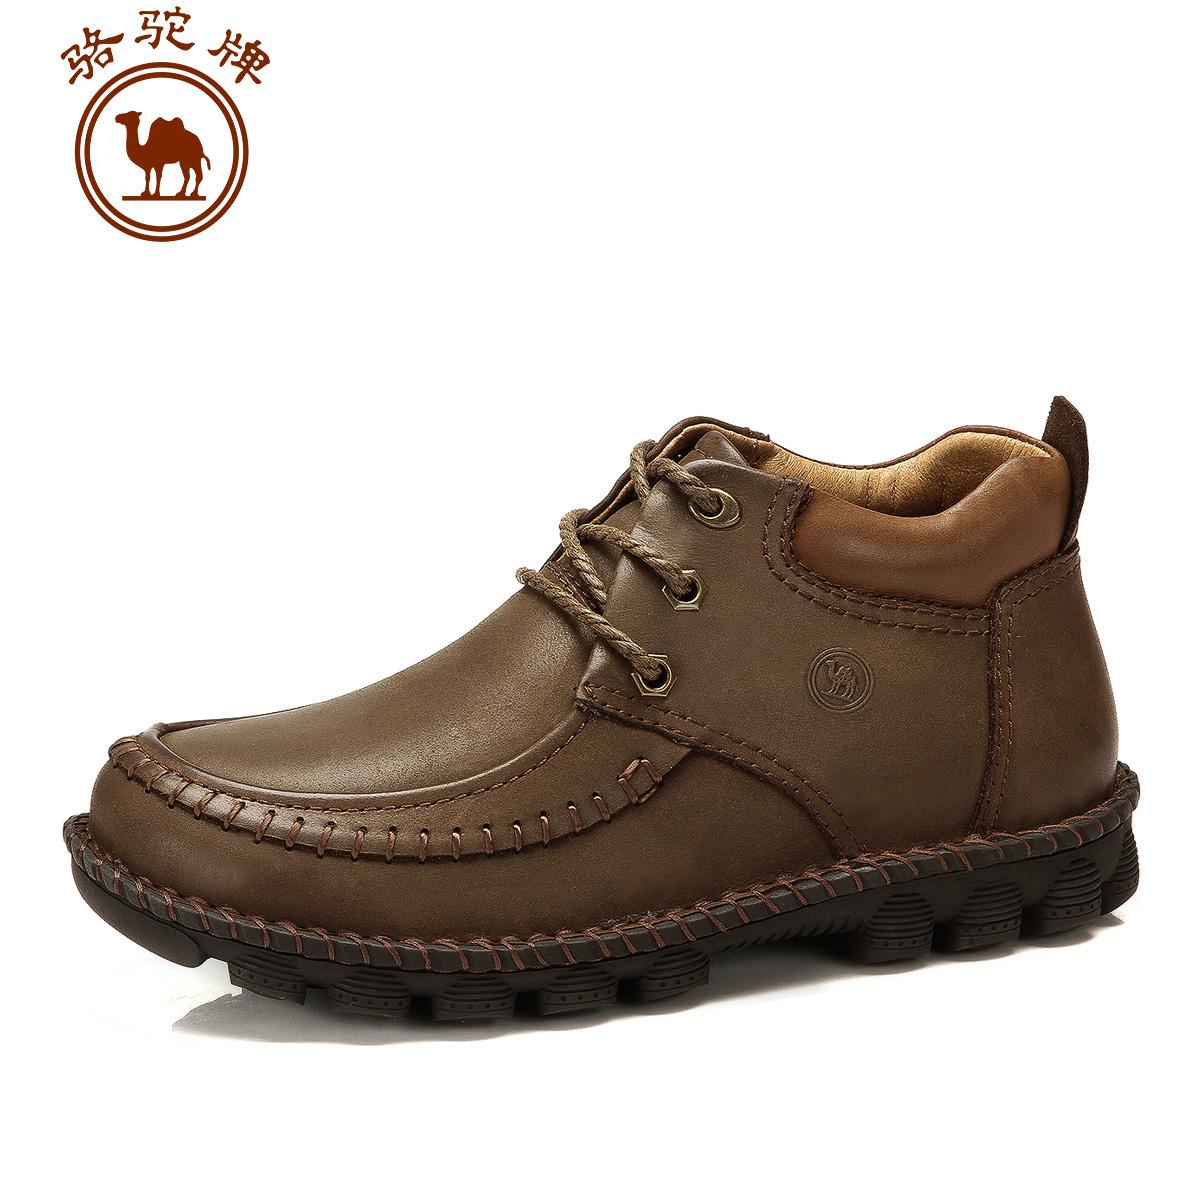 骆驼牌新款冬靴 真皮系带日常休闲男靴流行男鞋子